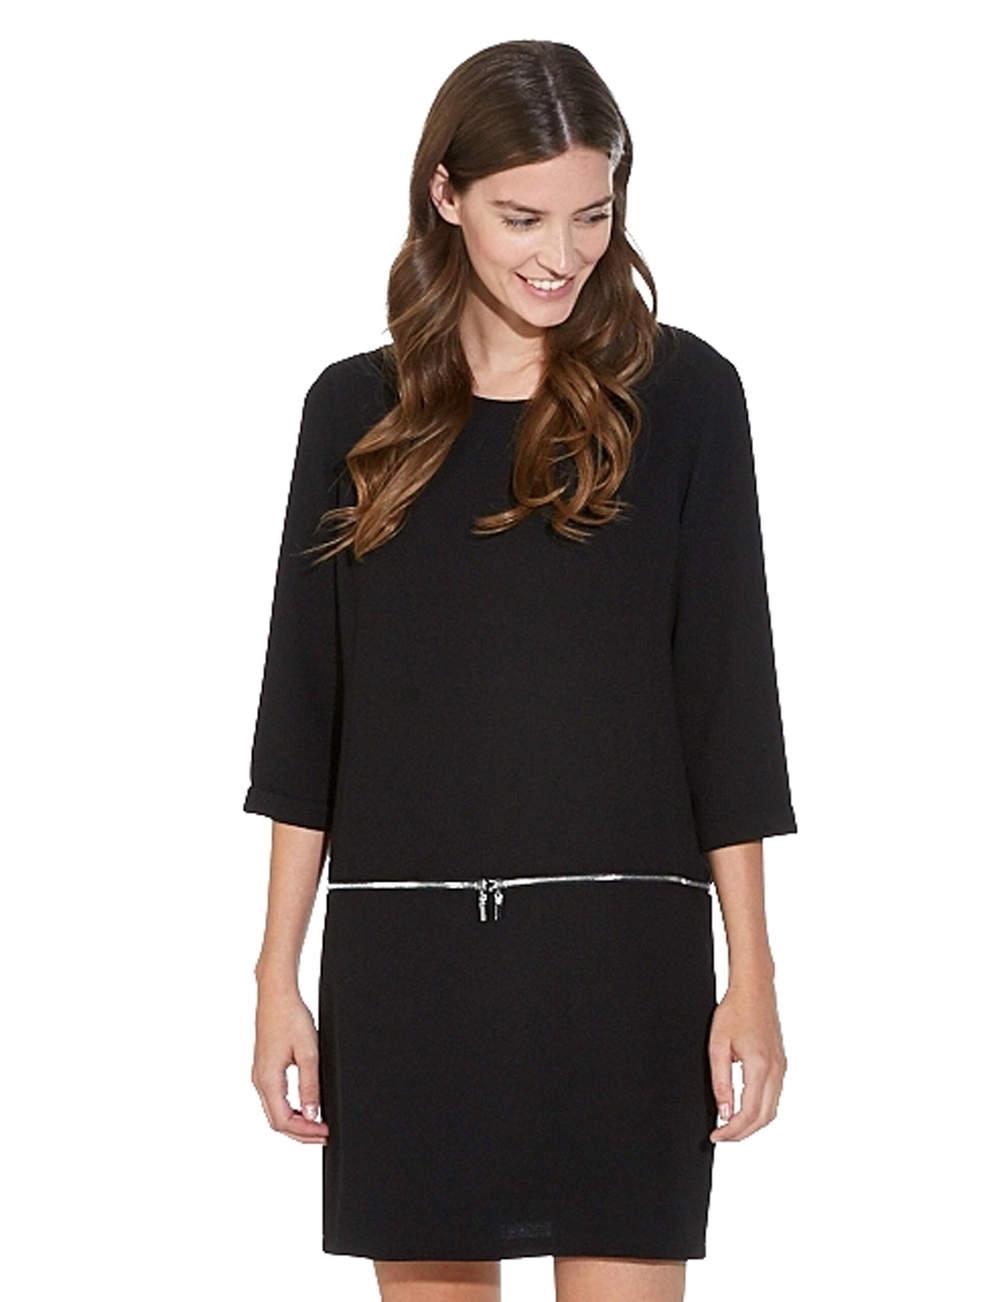 Robe noire : zippée